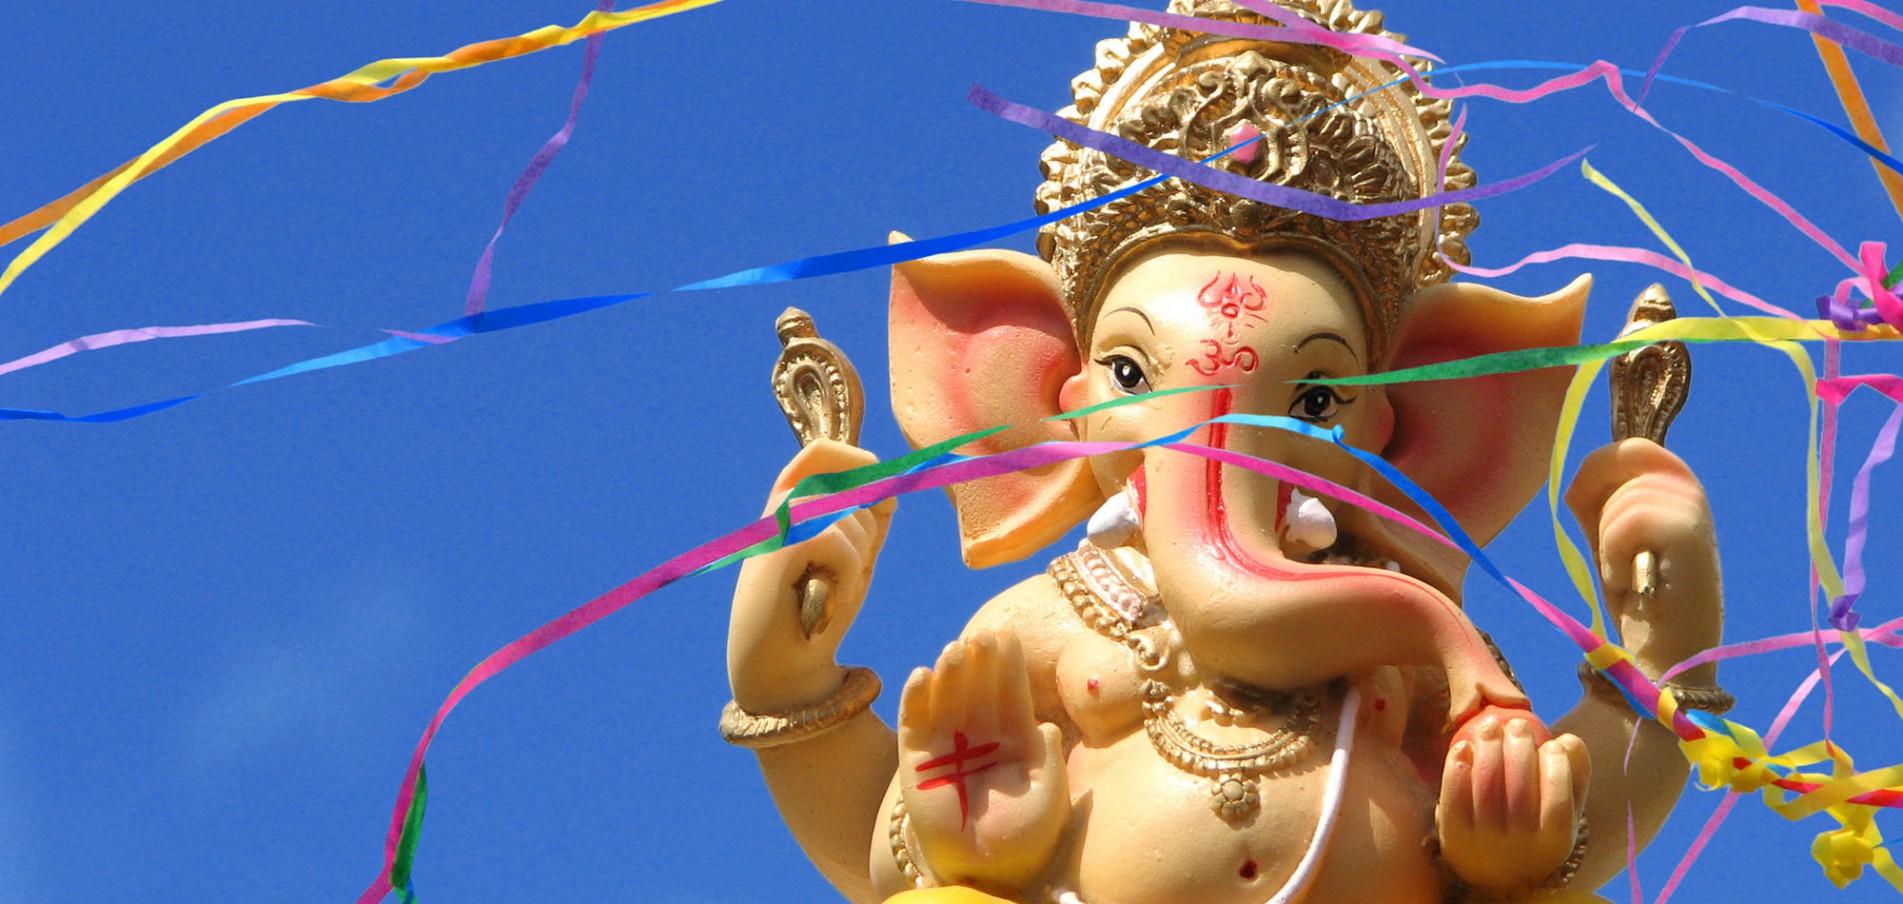 Willkommen in Indien ... Bollywood lässt grüßen!